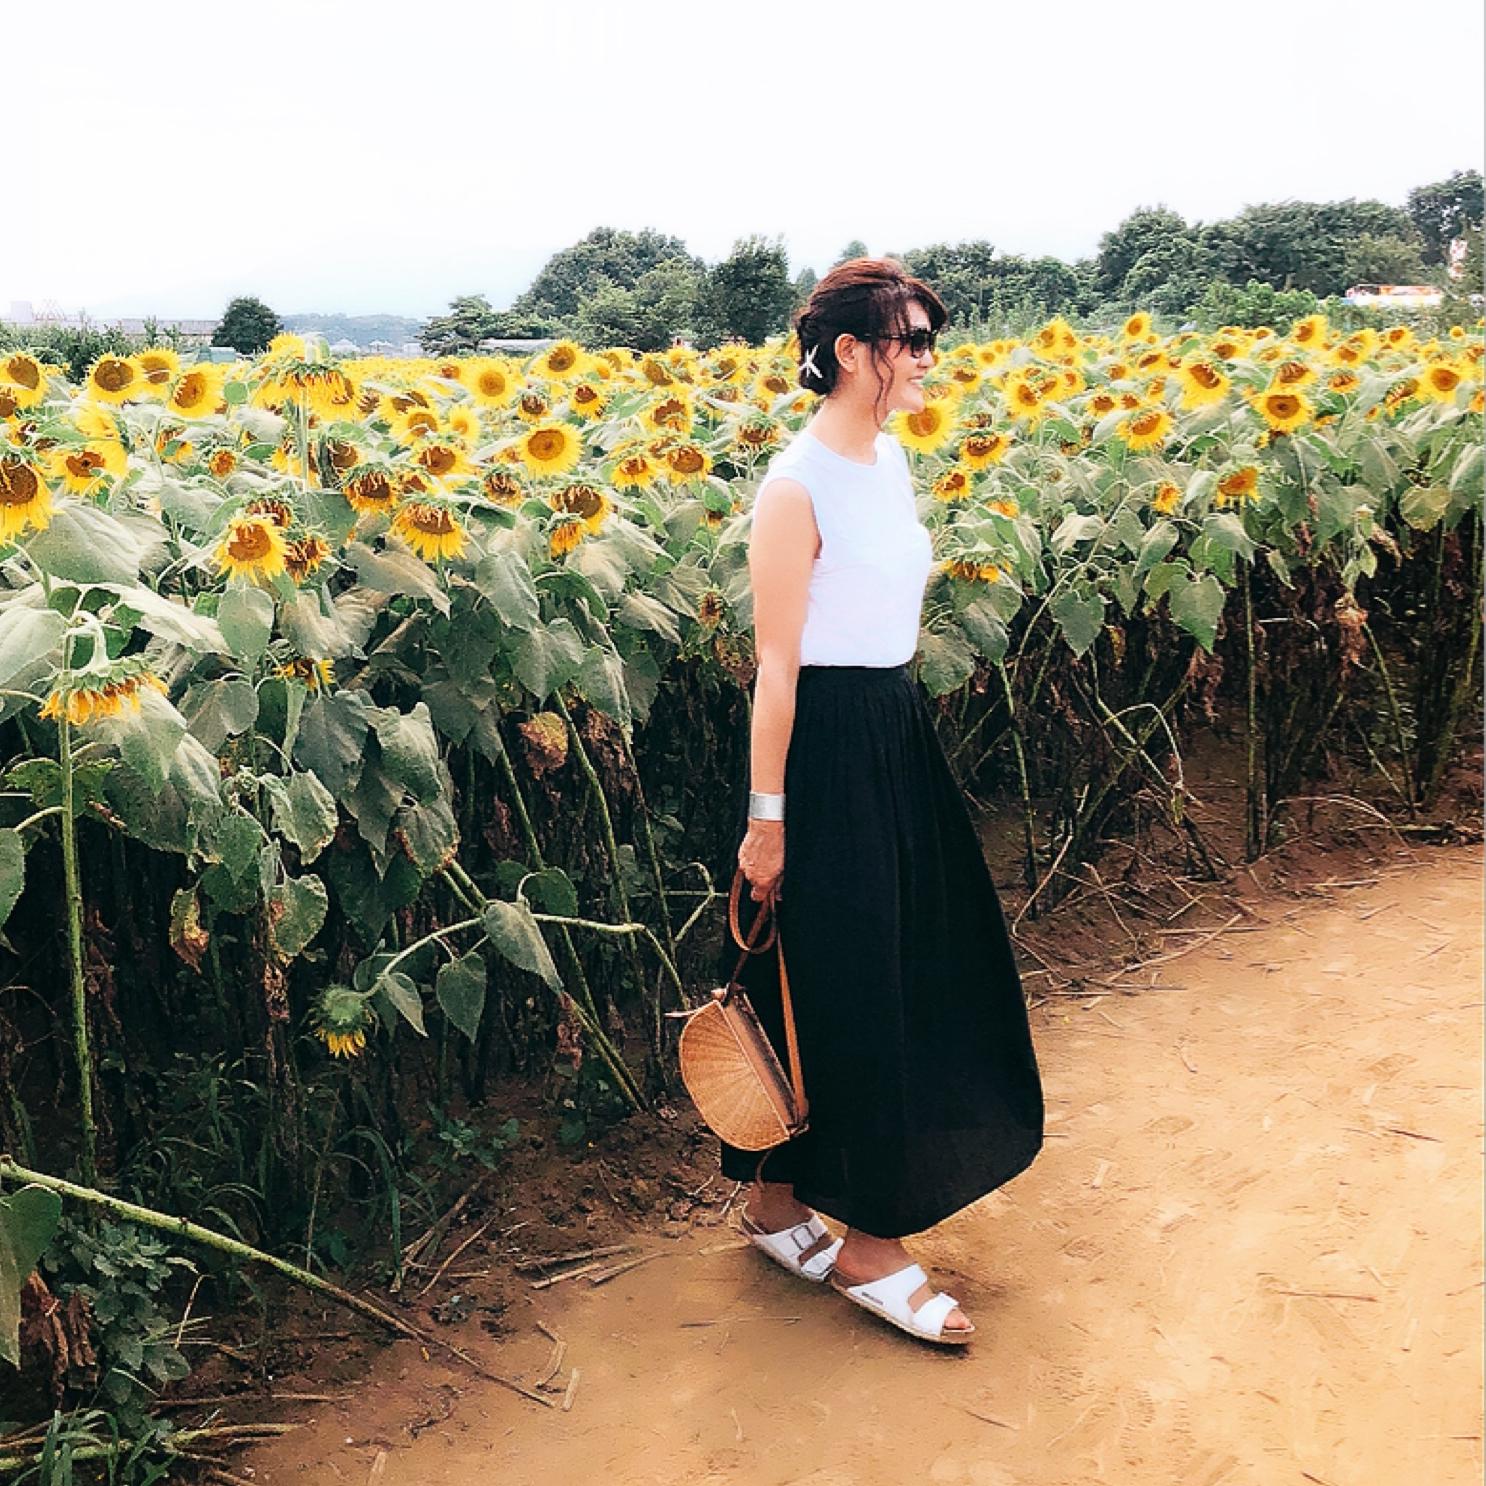 美女組さん真夏のモノトーンコーデ【マリソル美女組ブログPICK UP】_1_1-2